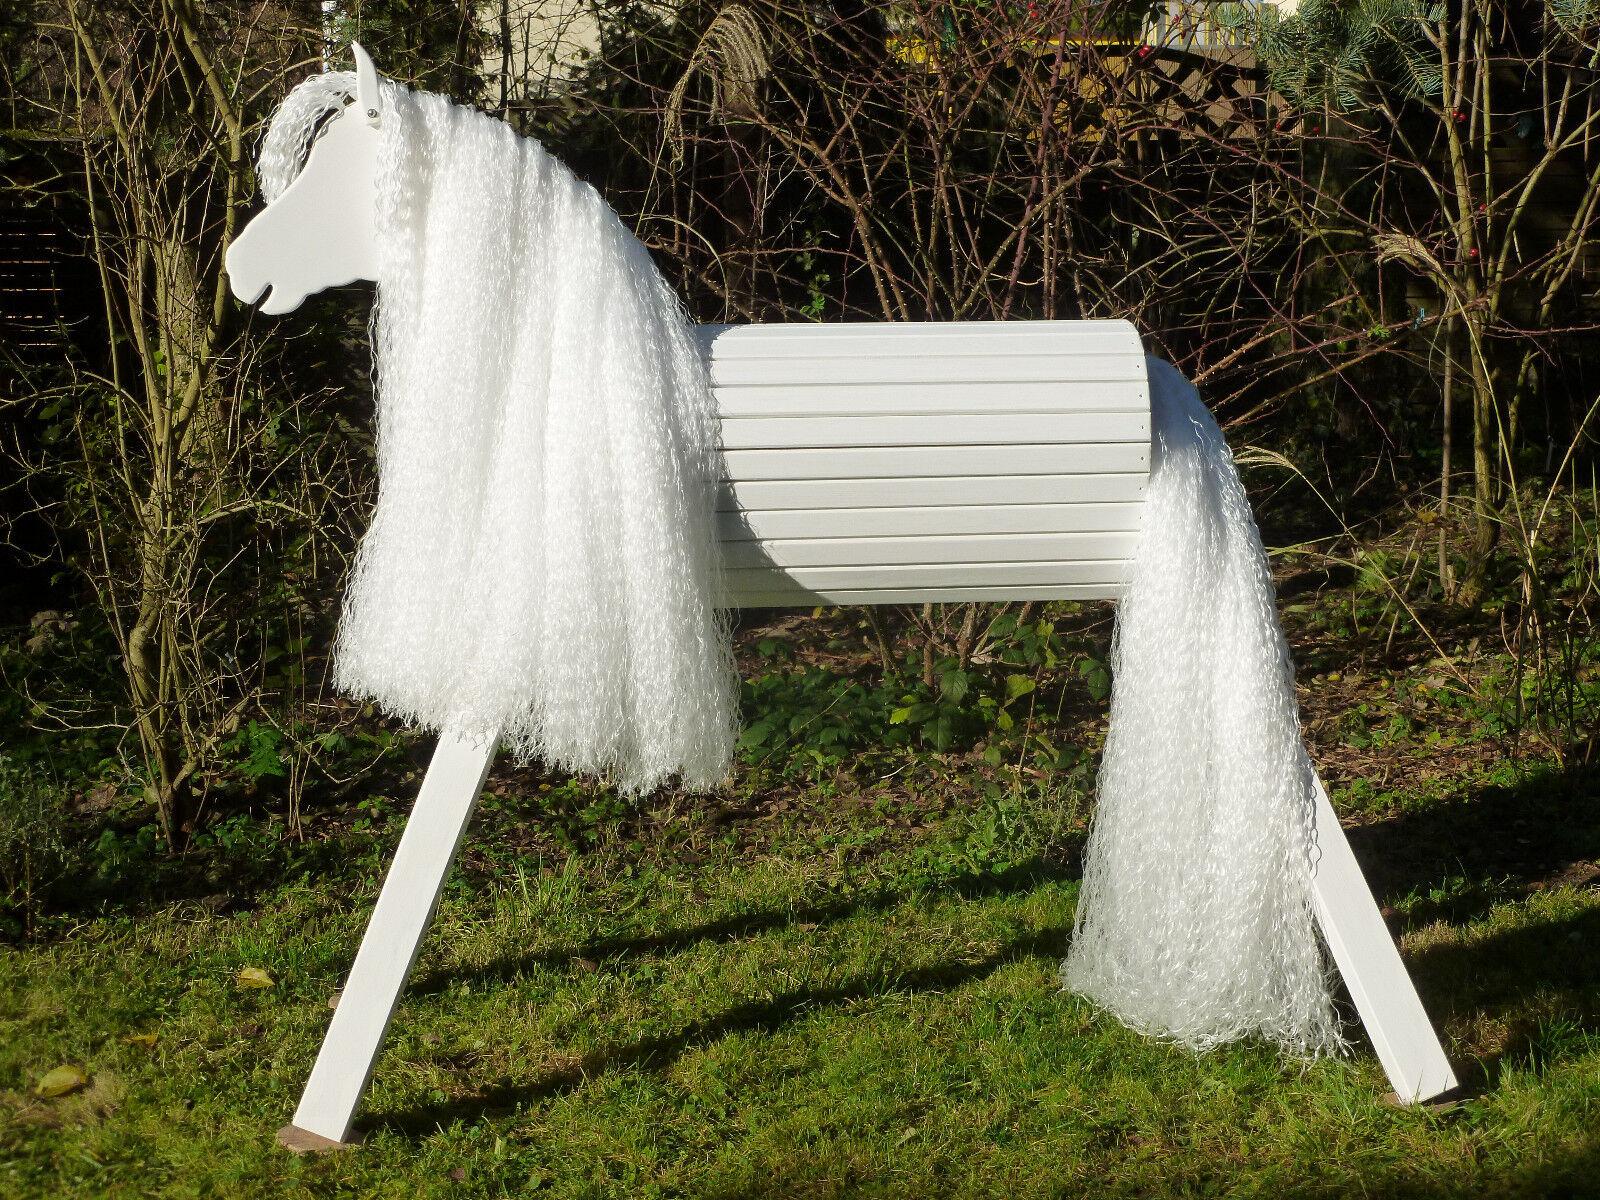 Schaukelspielzeug Das Prinzessin Traumpferd Voltigierpferd Holzpferd Chanise 110 cm in weiss